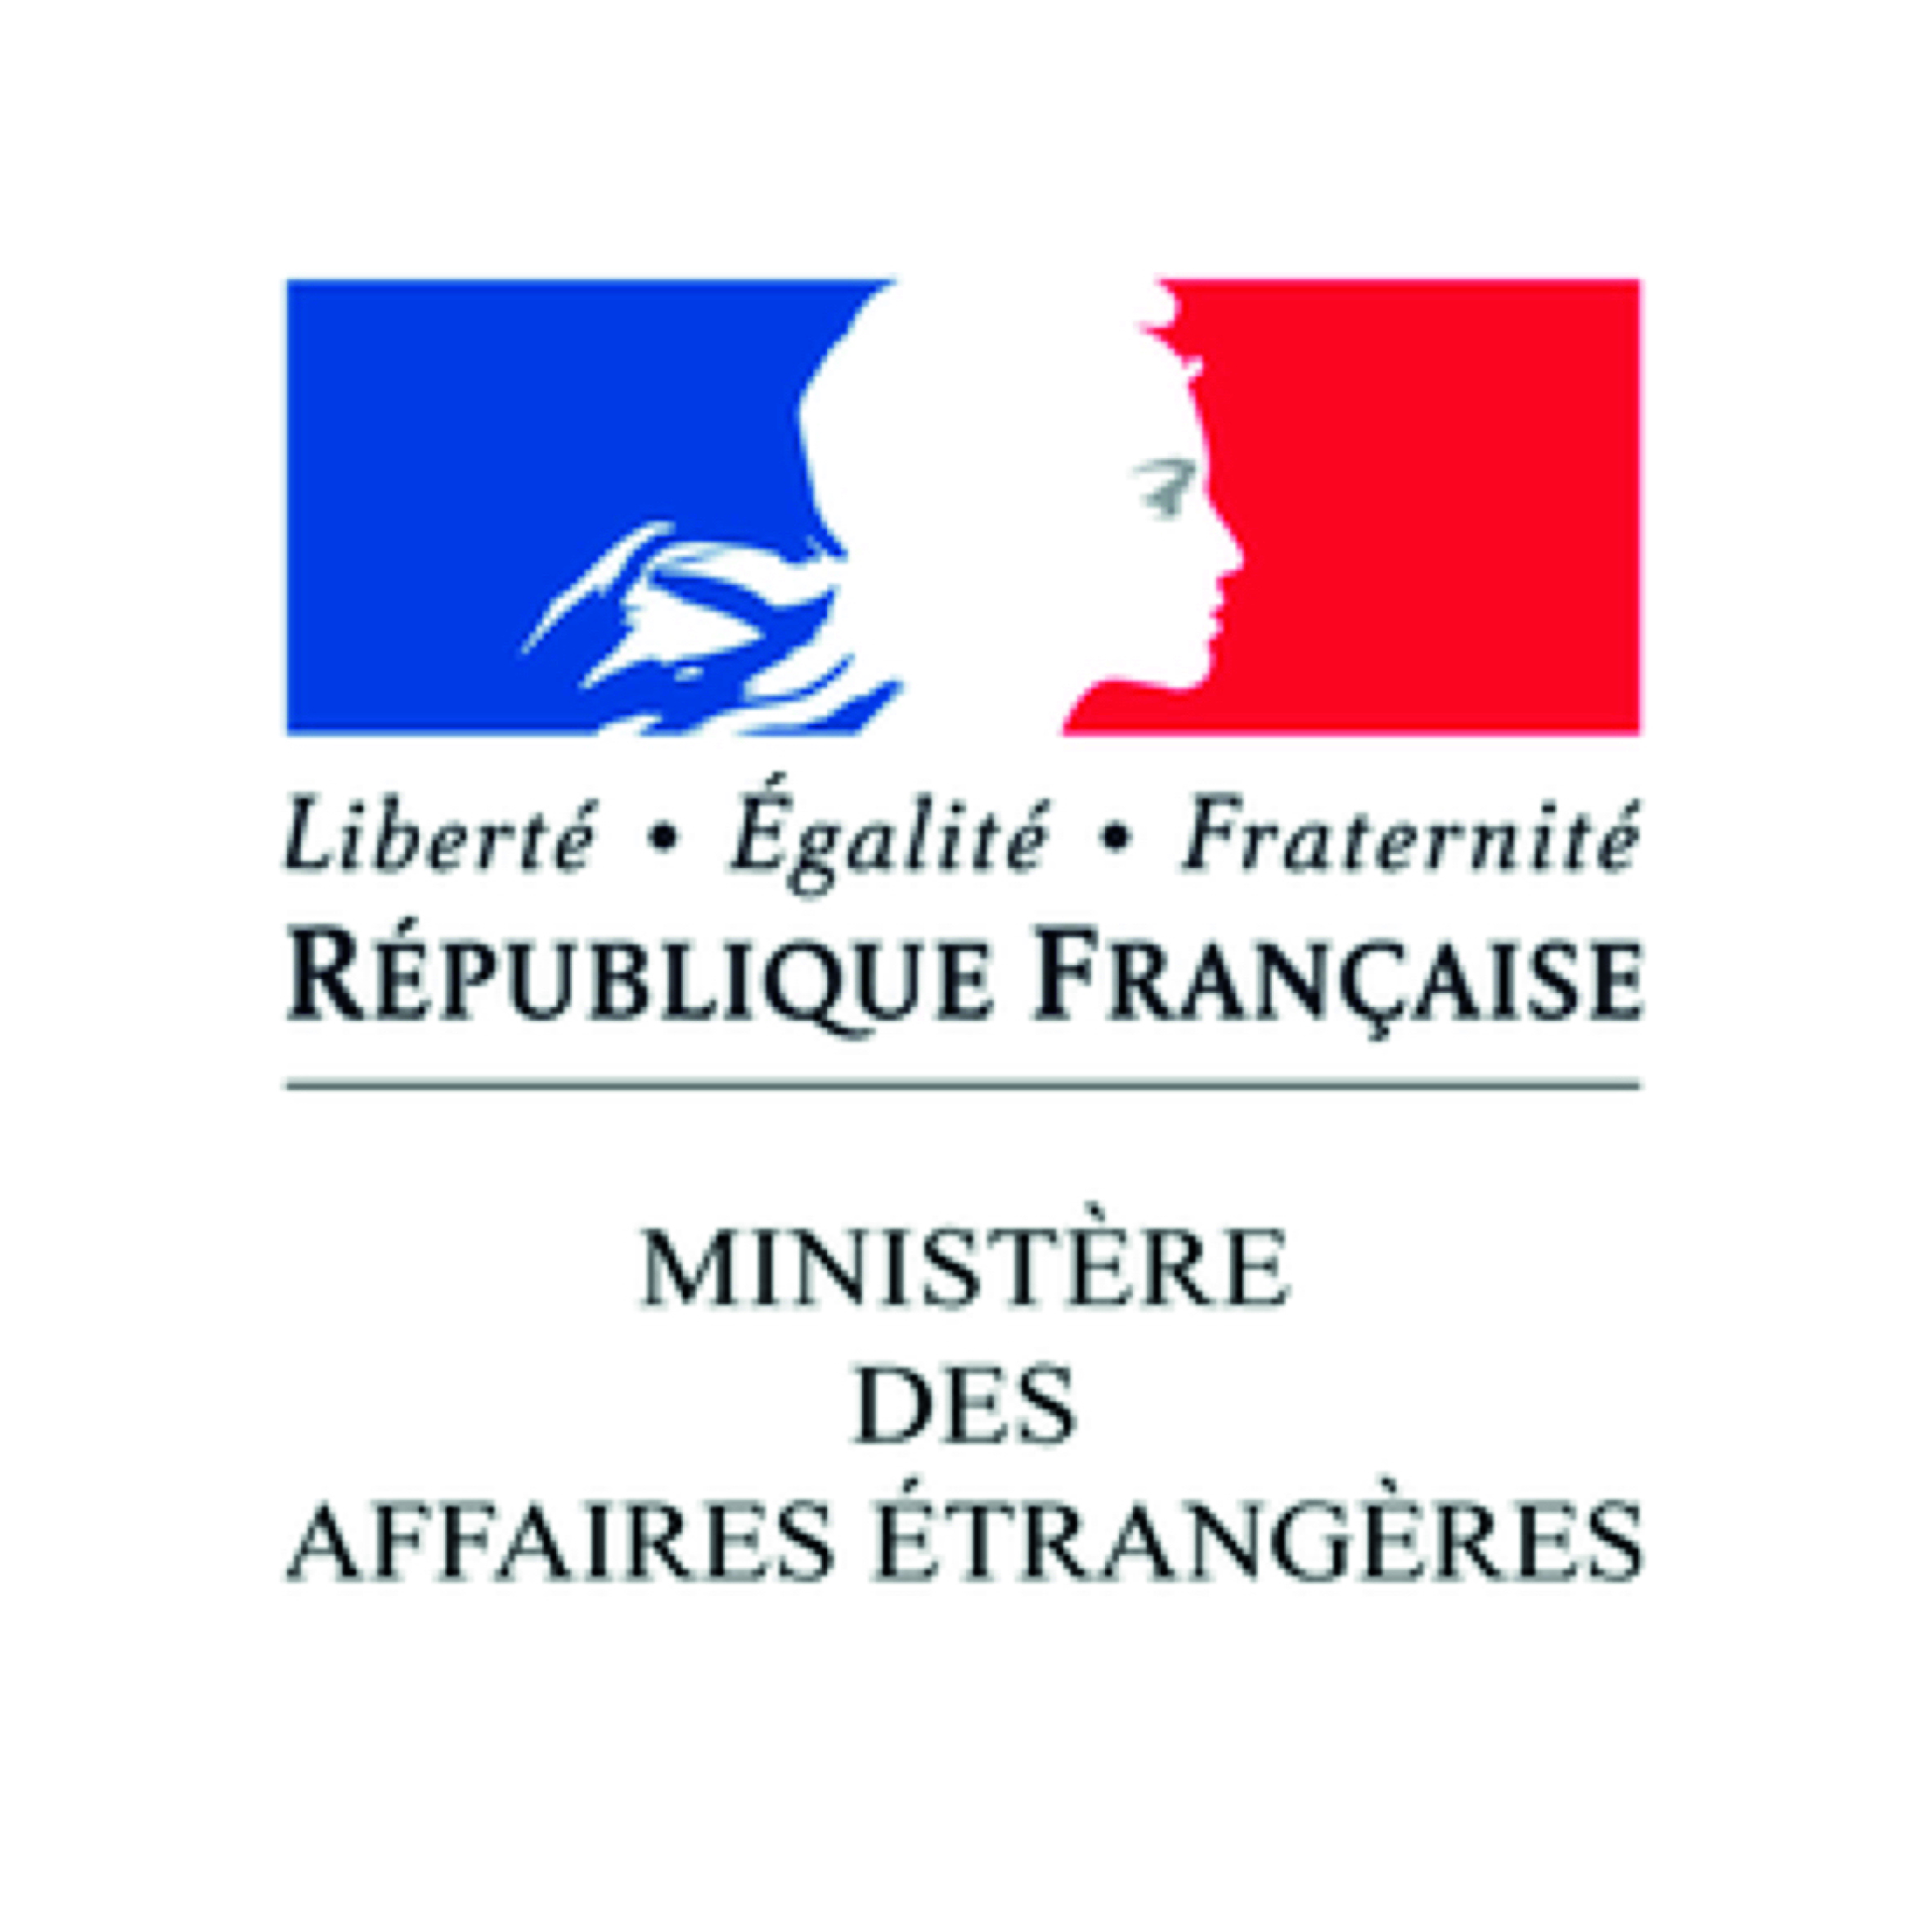 Ministère des affairs étrangères